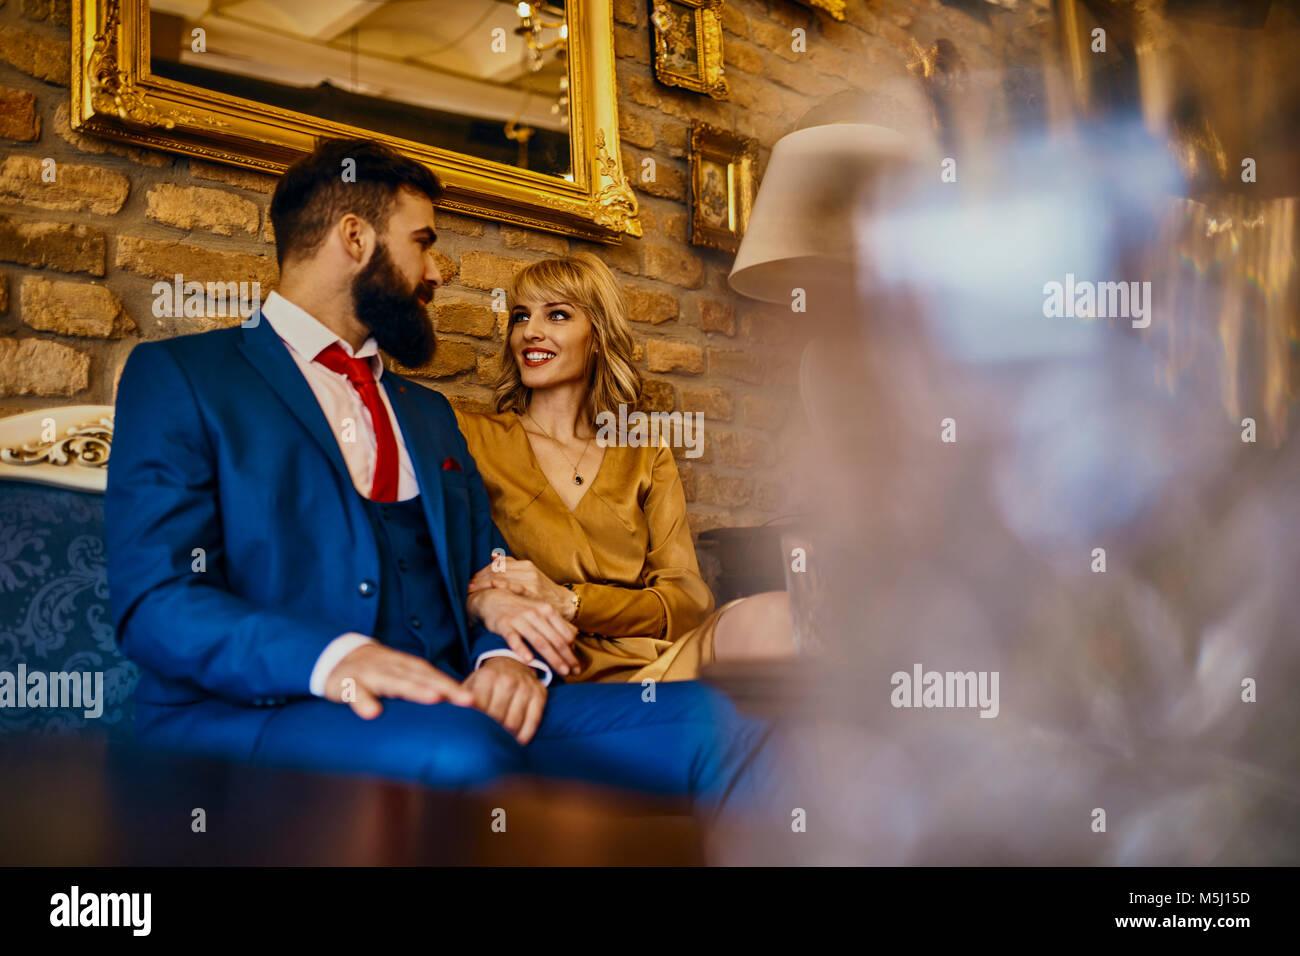 Elegantes Paar sitzt auf der Couch sprechen Stockbild